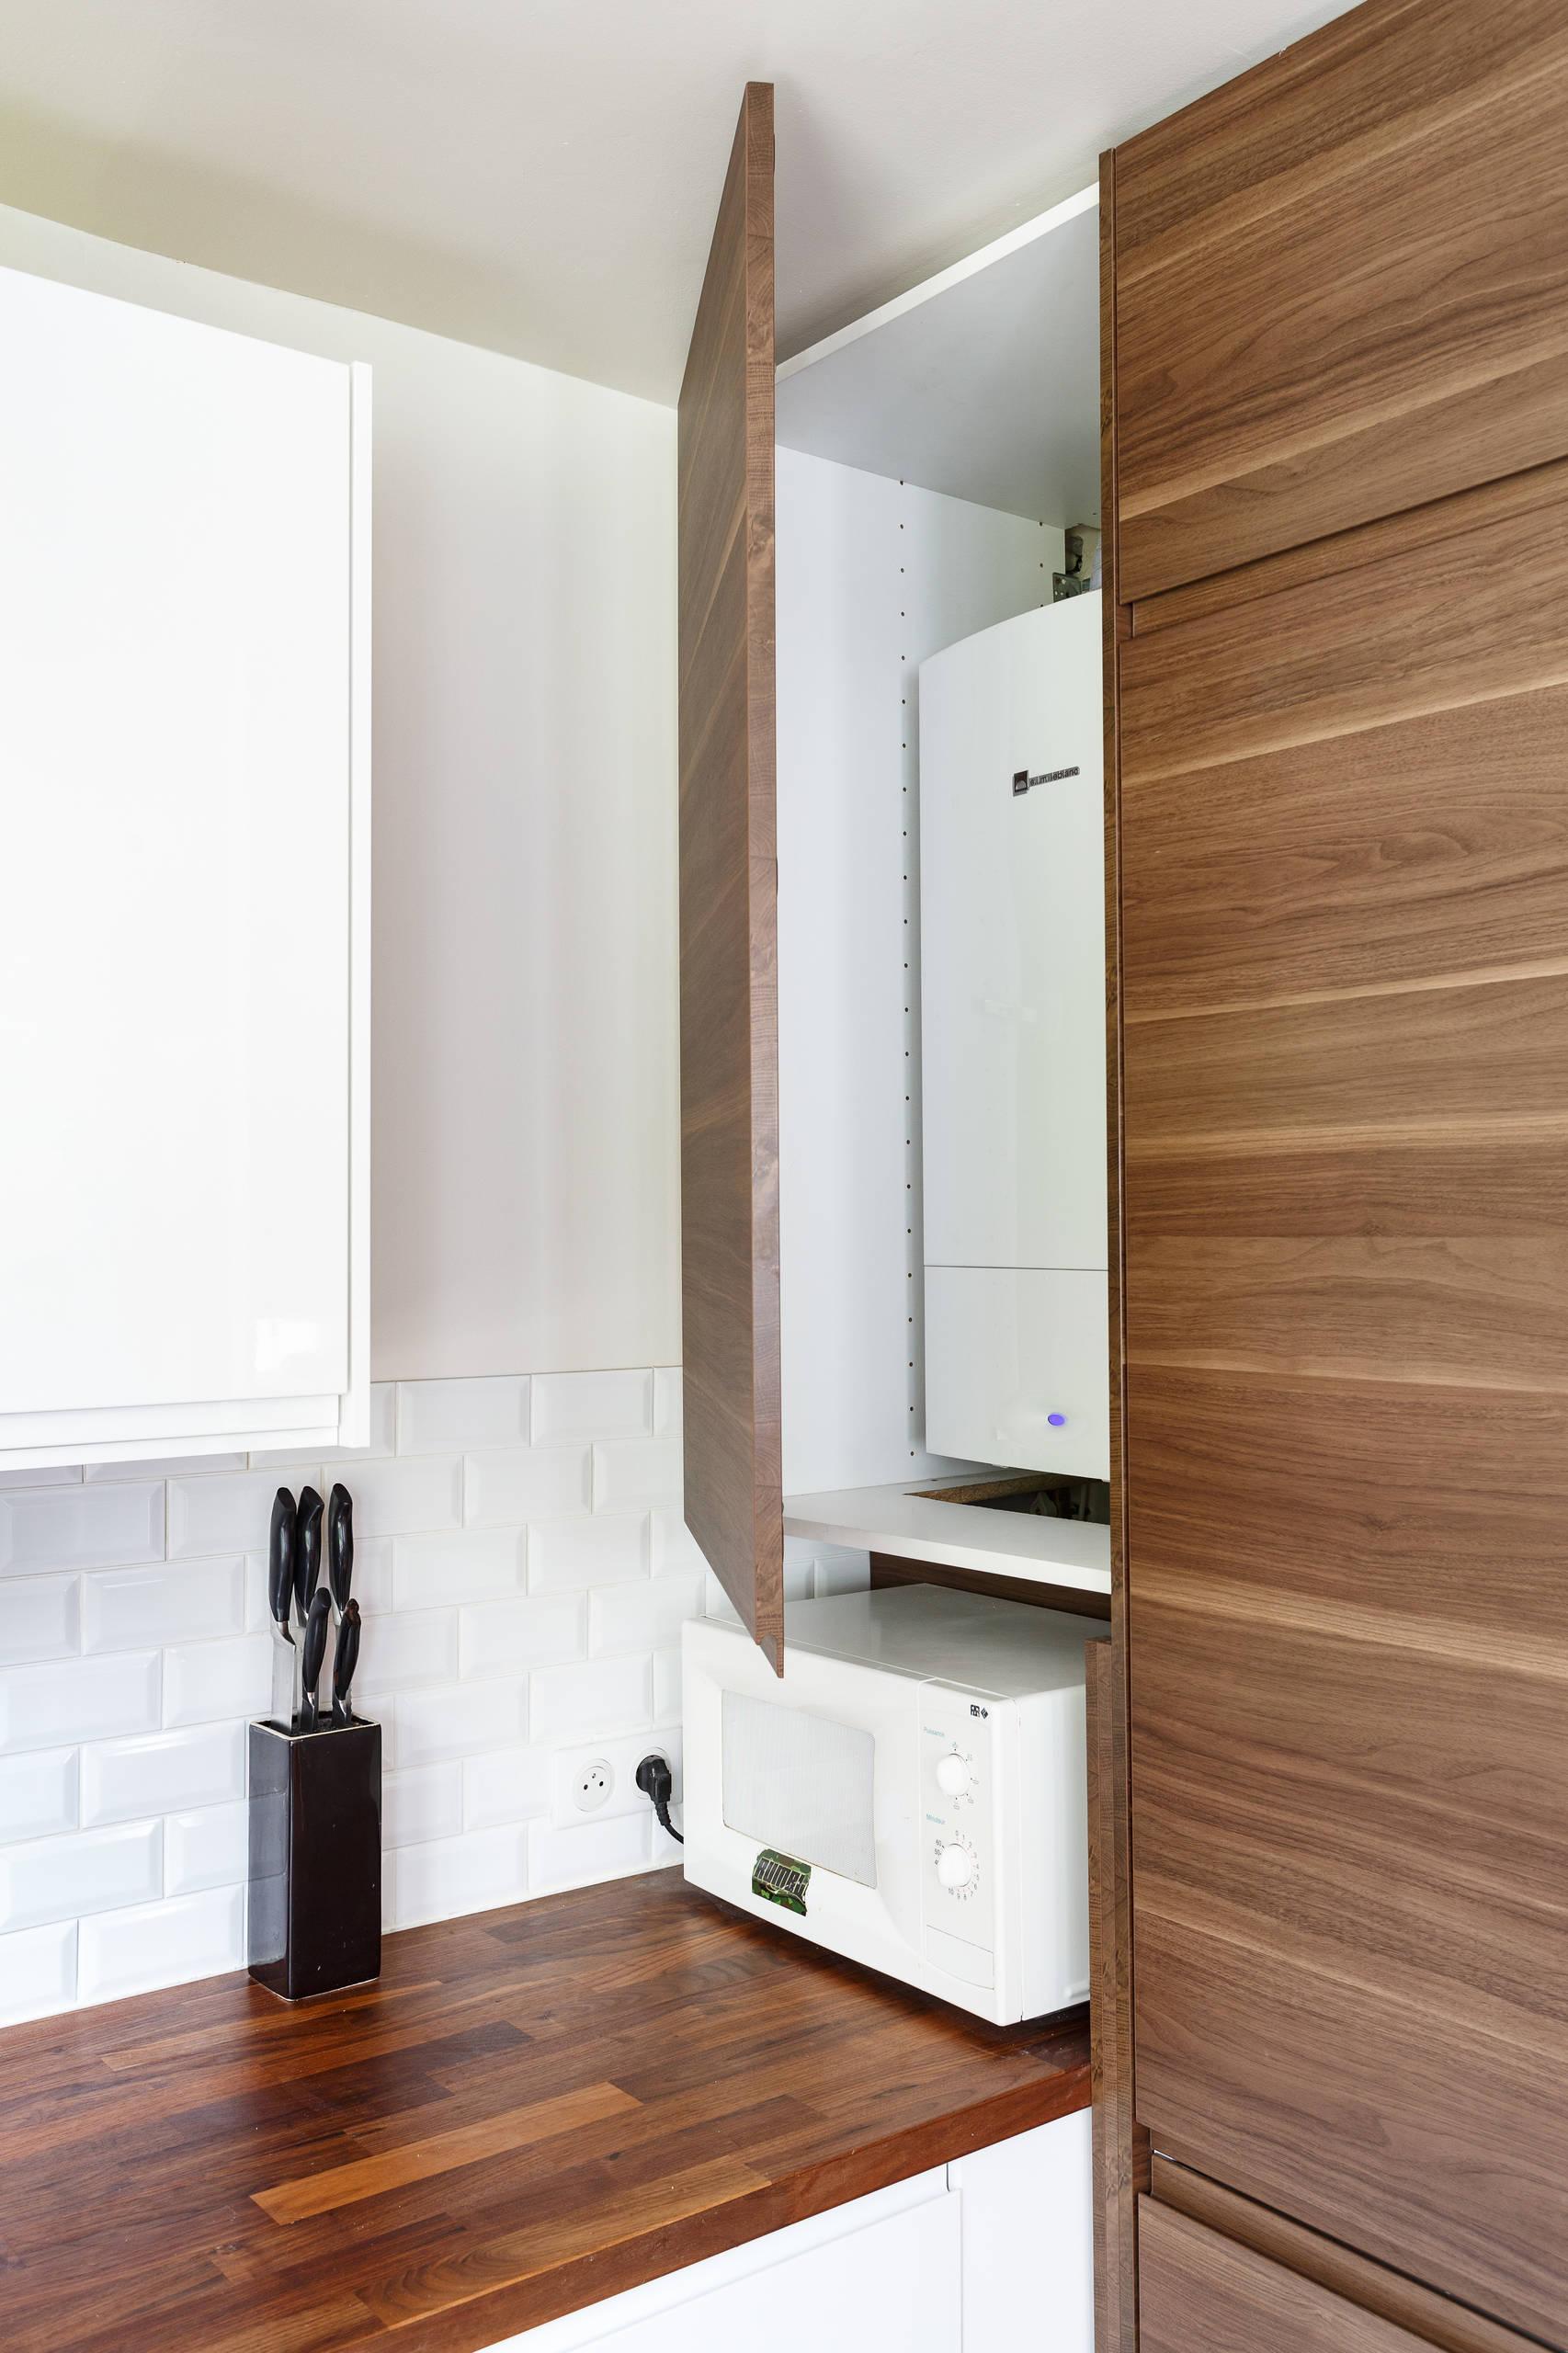 Avant/après Comment optimiser l'agencement d'une cuisine ouverte s  et l'entrée